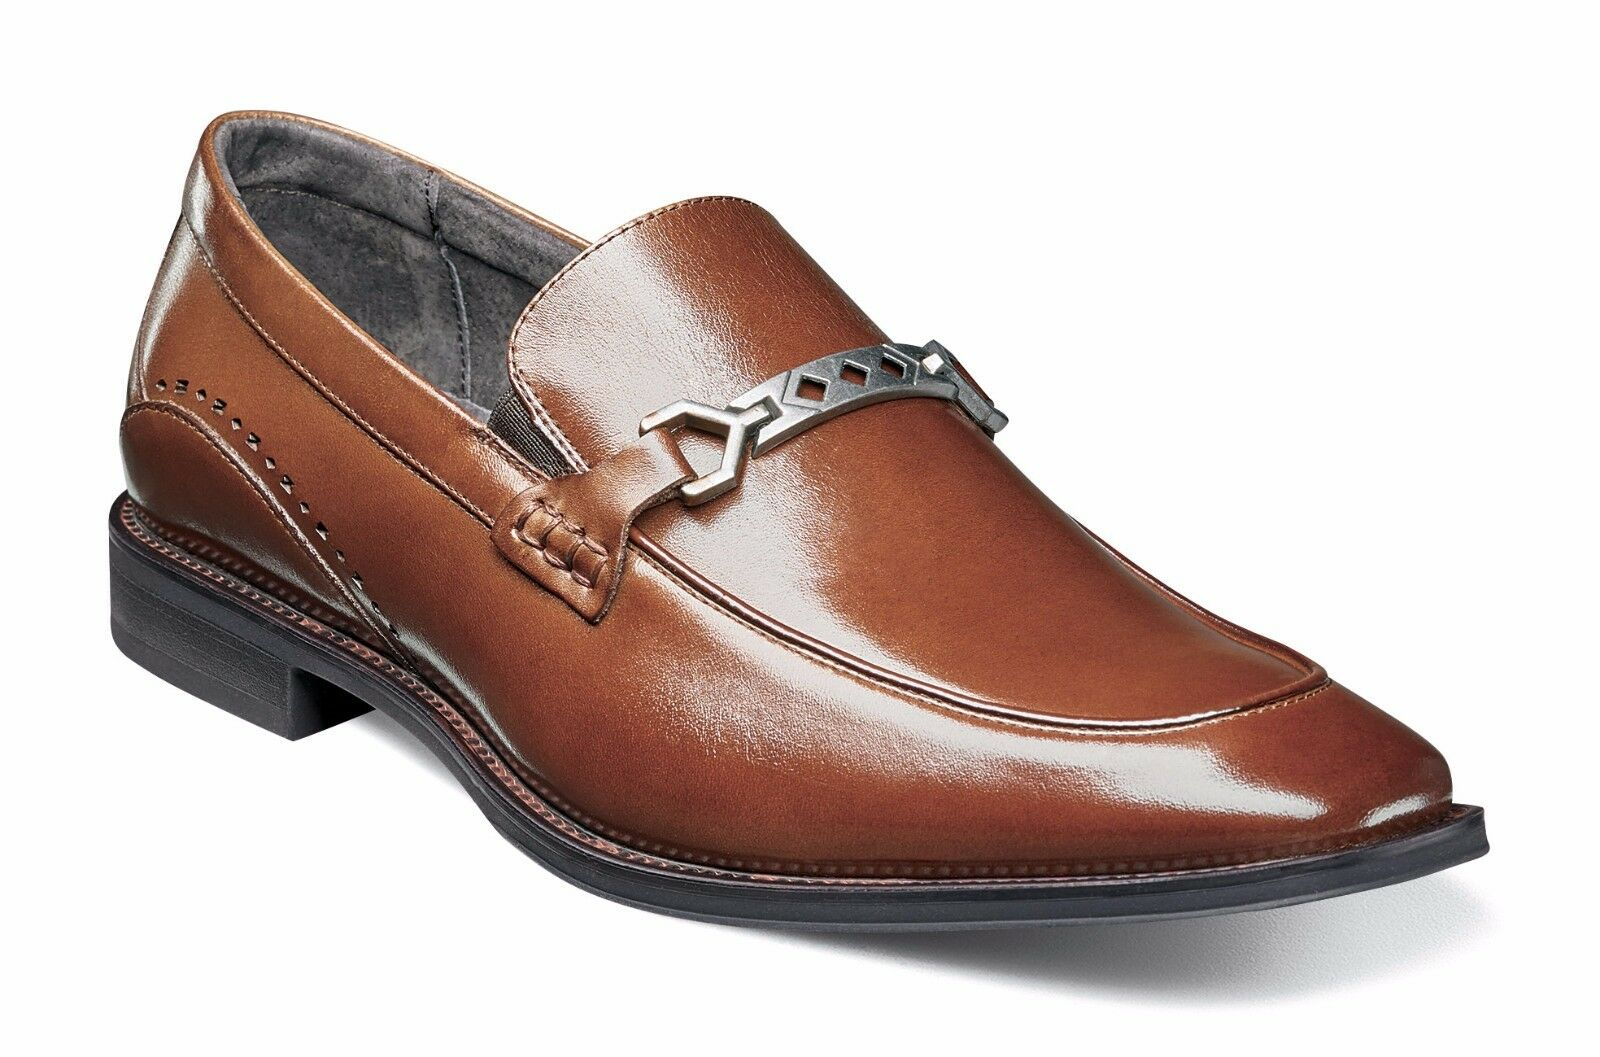 acquista la qualità autentica al 100% Stacy Adams Uomo Cognac Lindford Moc Toe Toe Toe Bit  preferenziale